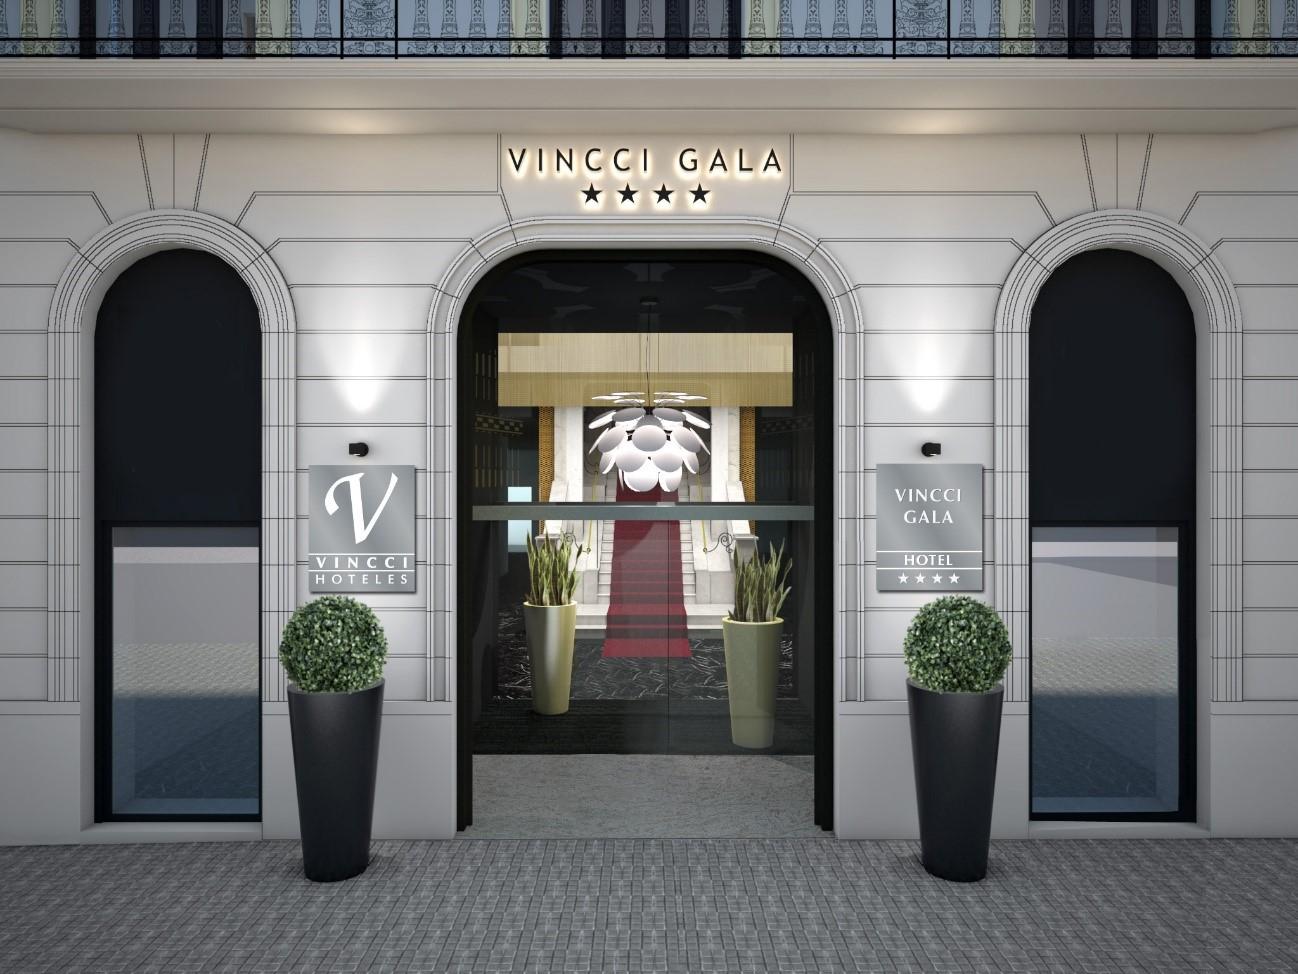 Vincci hoteles inaugura el vincci gala 4 en barcelona for Hoteles originales cataluna